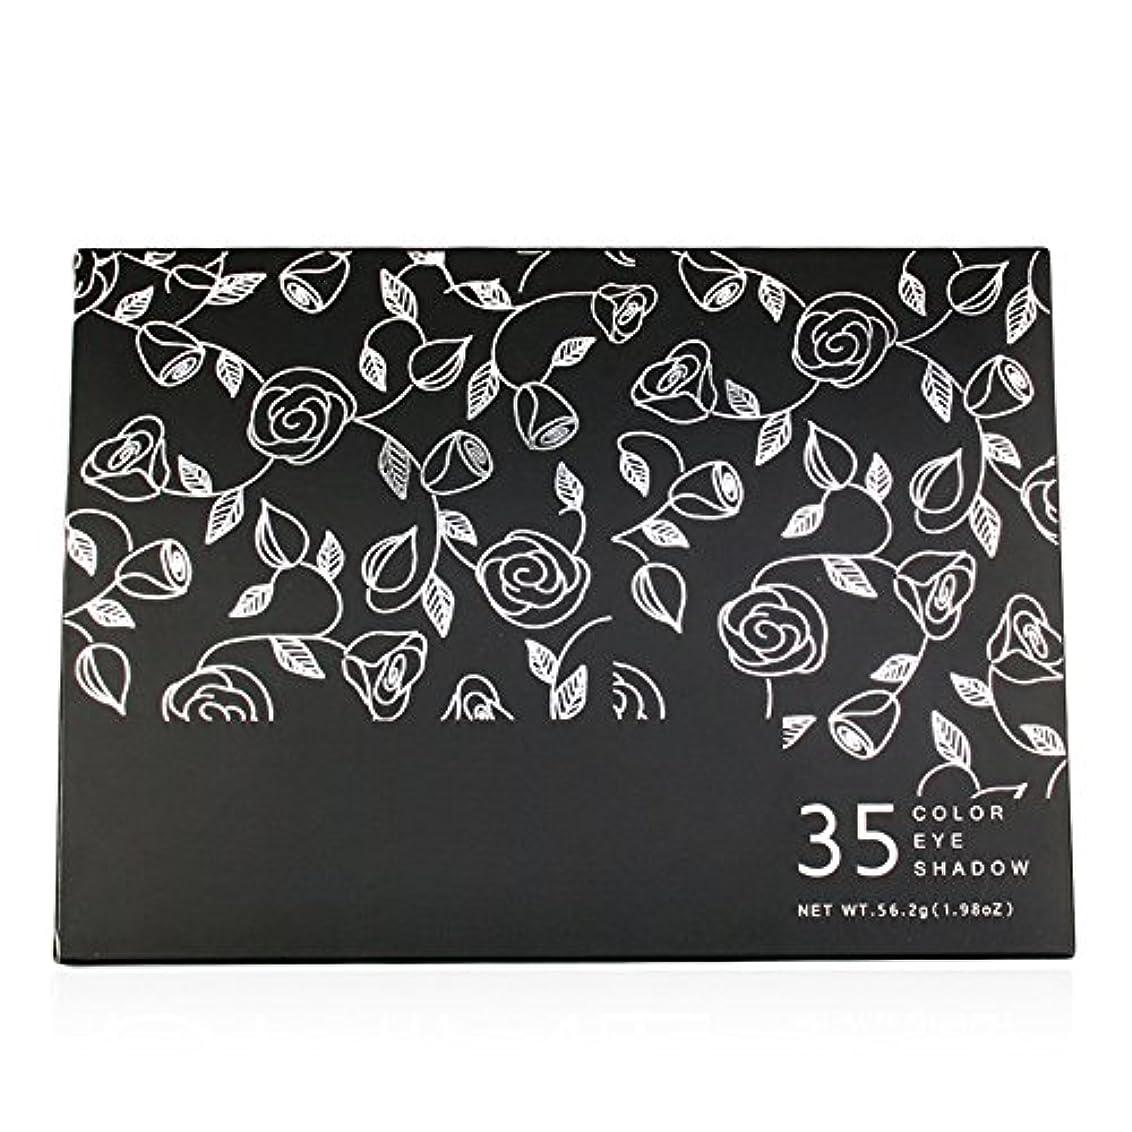 異常タワー拡散するAkane アイシャドウパレット 35HC 魅力的 ファッション 気質的 綺麗 花柄 高級 マット チャーム 長持ち つや消し おしゃれ 持ち便利 Eye Shadow (35色)